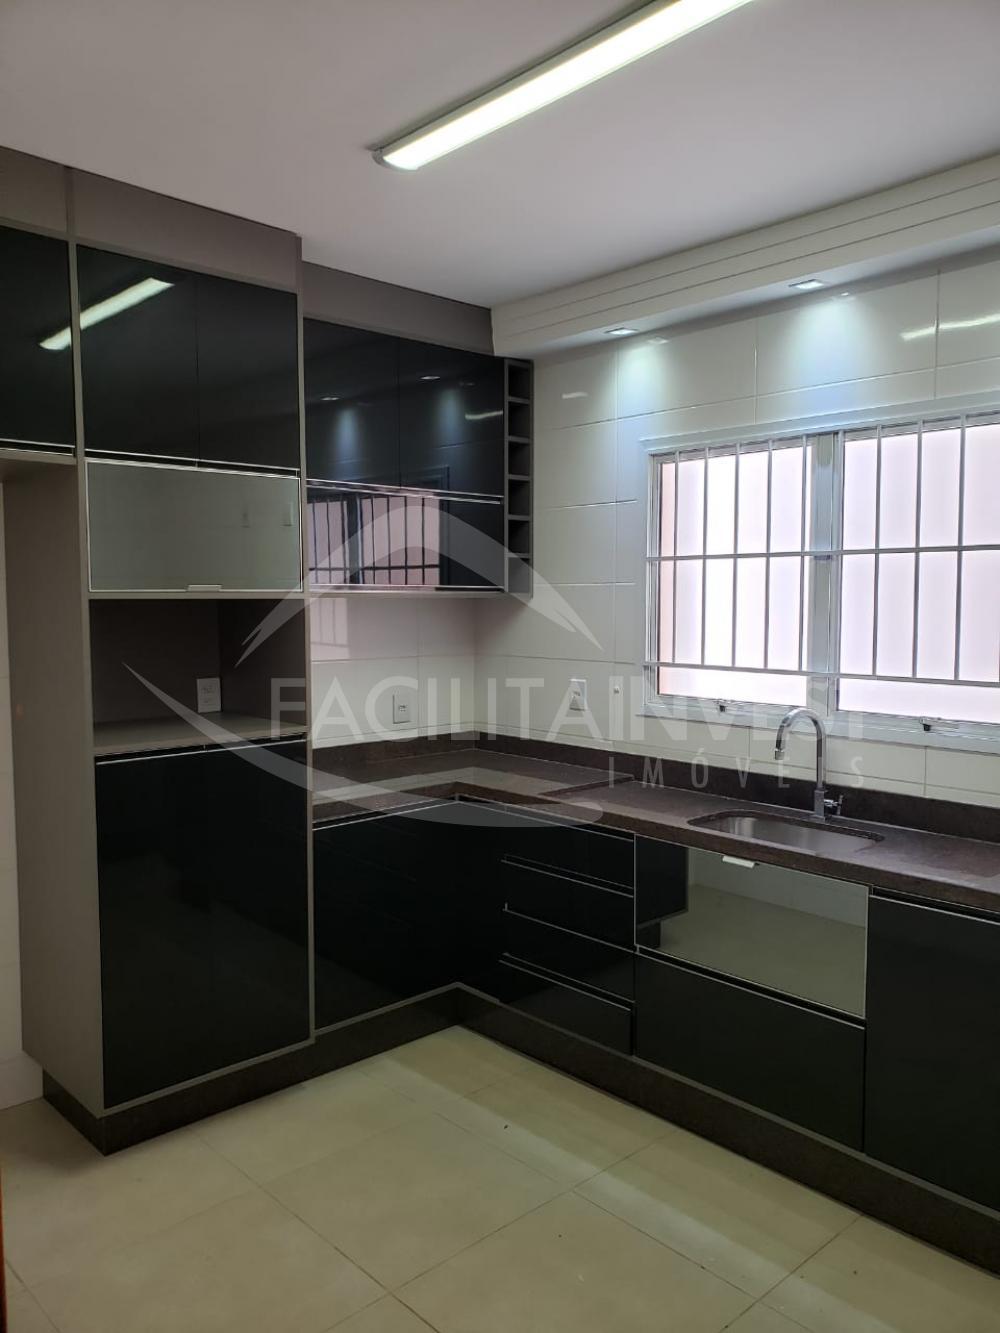 Alugar Apartamentos / Apart. Padrão em Ribeirão Preto apenas R$ 3.300,00 - Foto 10